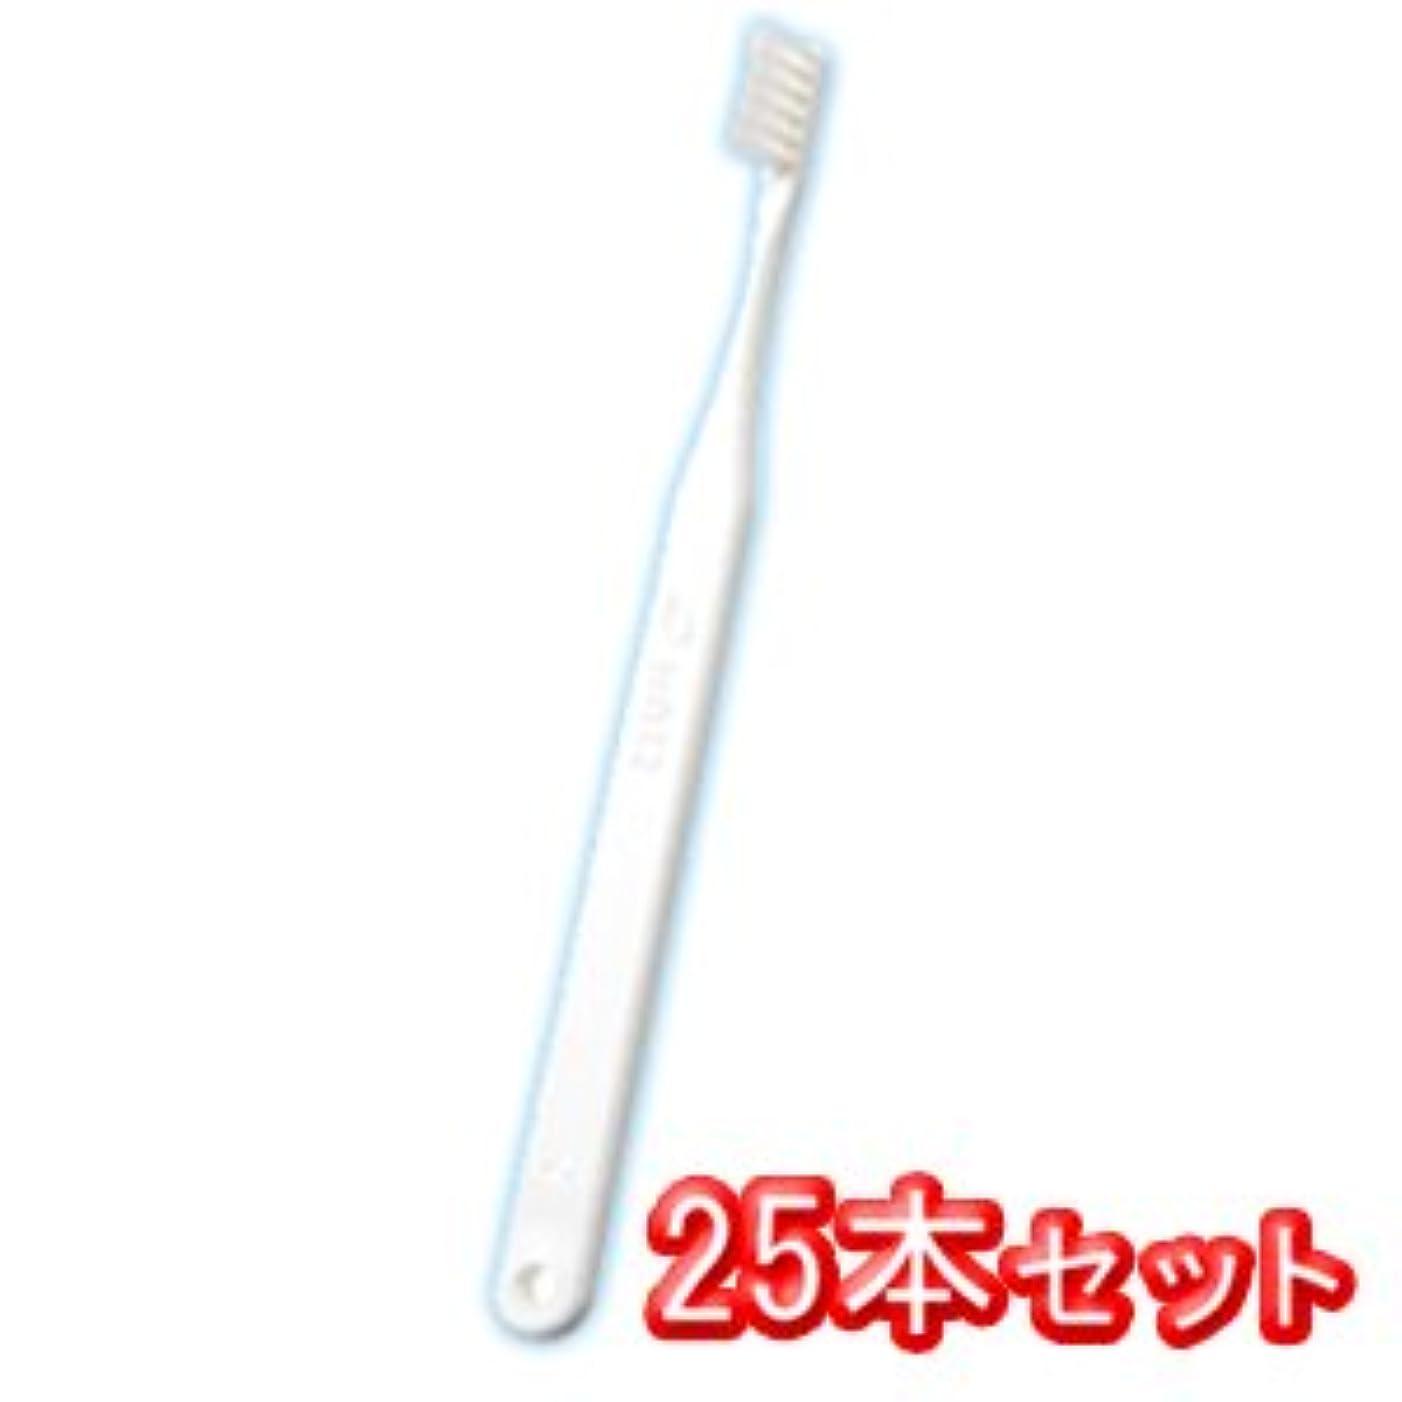 通行料金議会寛大さオーラルケア タフト12 歯ブラシ 25本入 スーパーソフト SS ホワイト